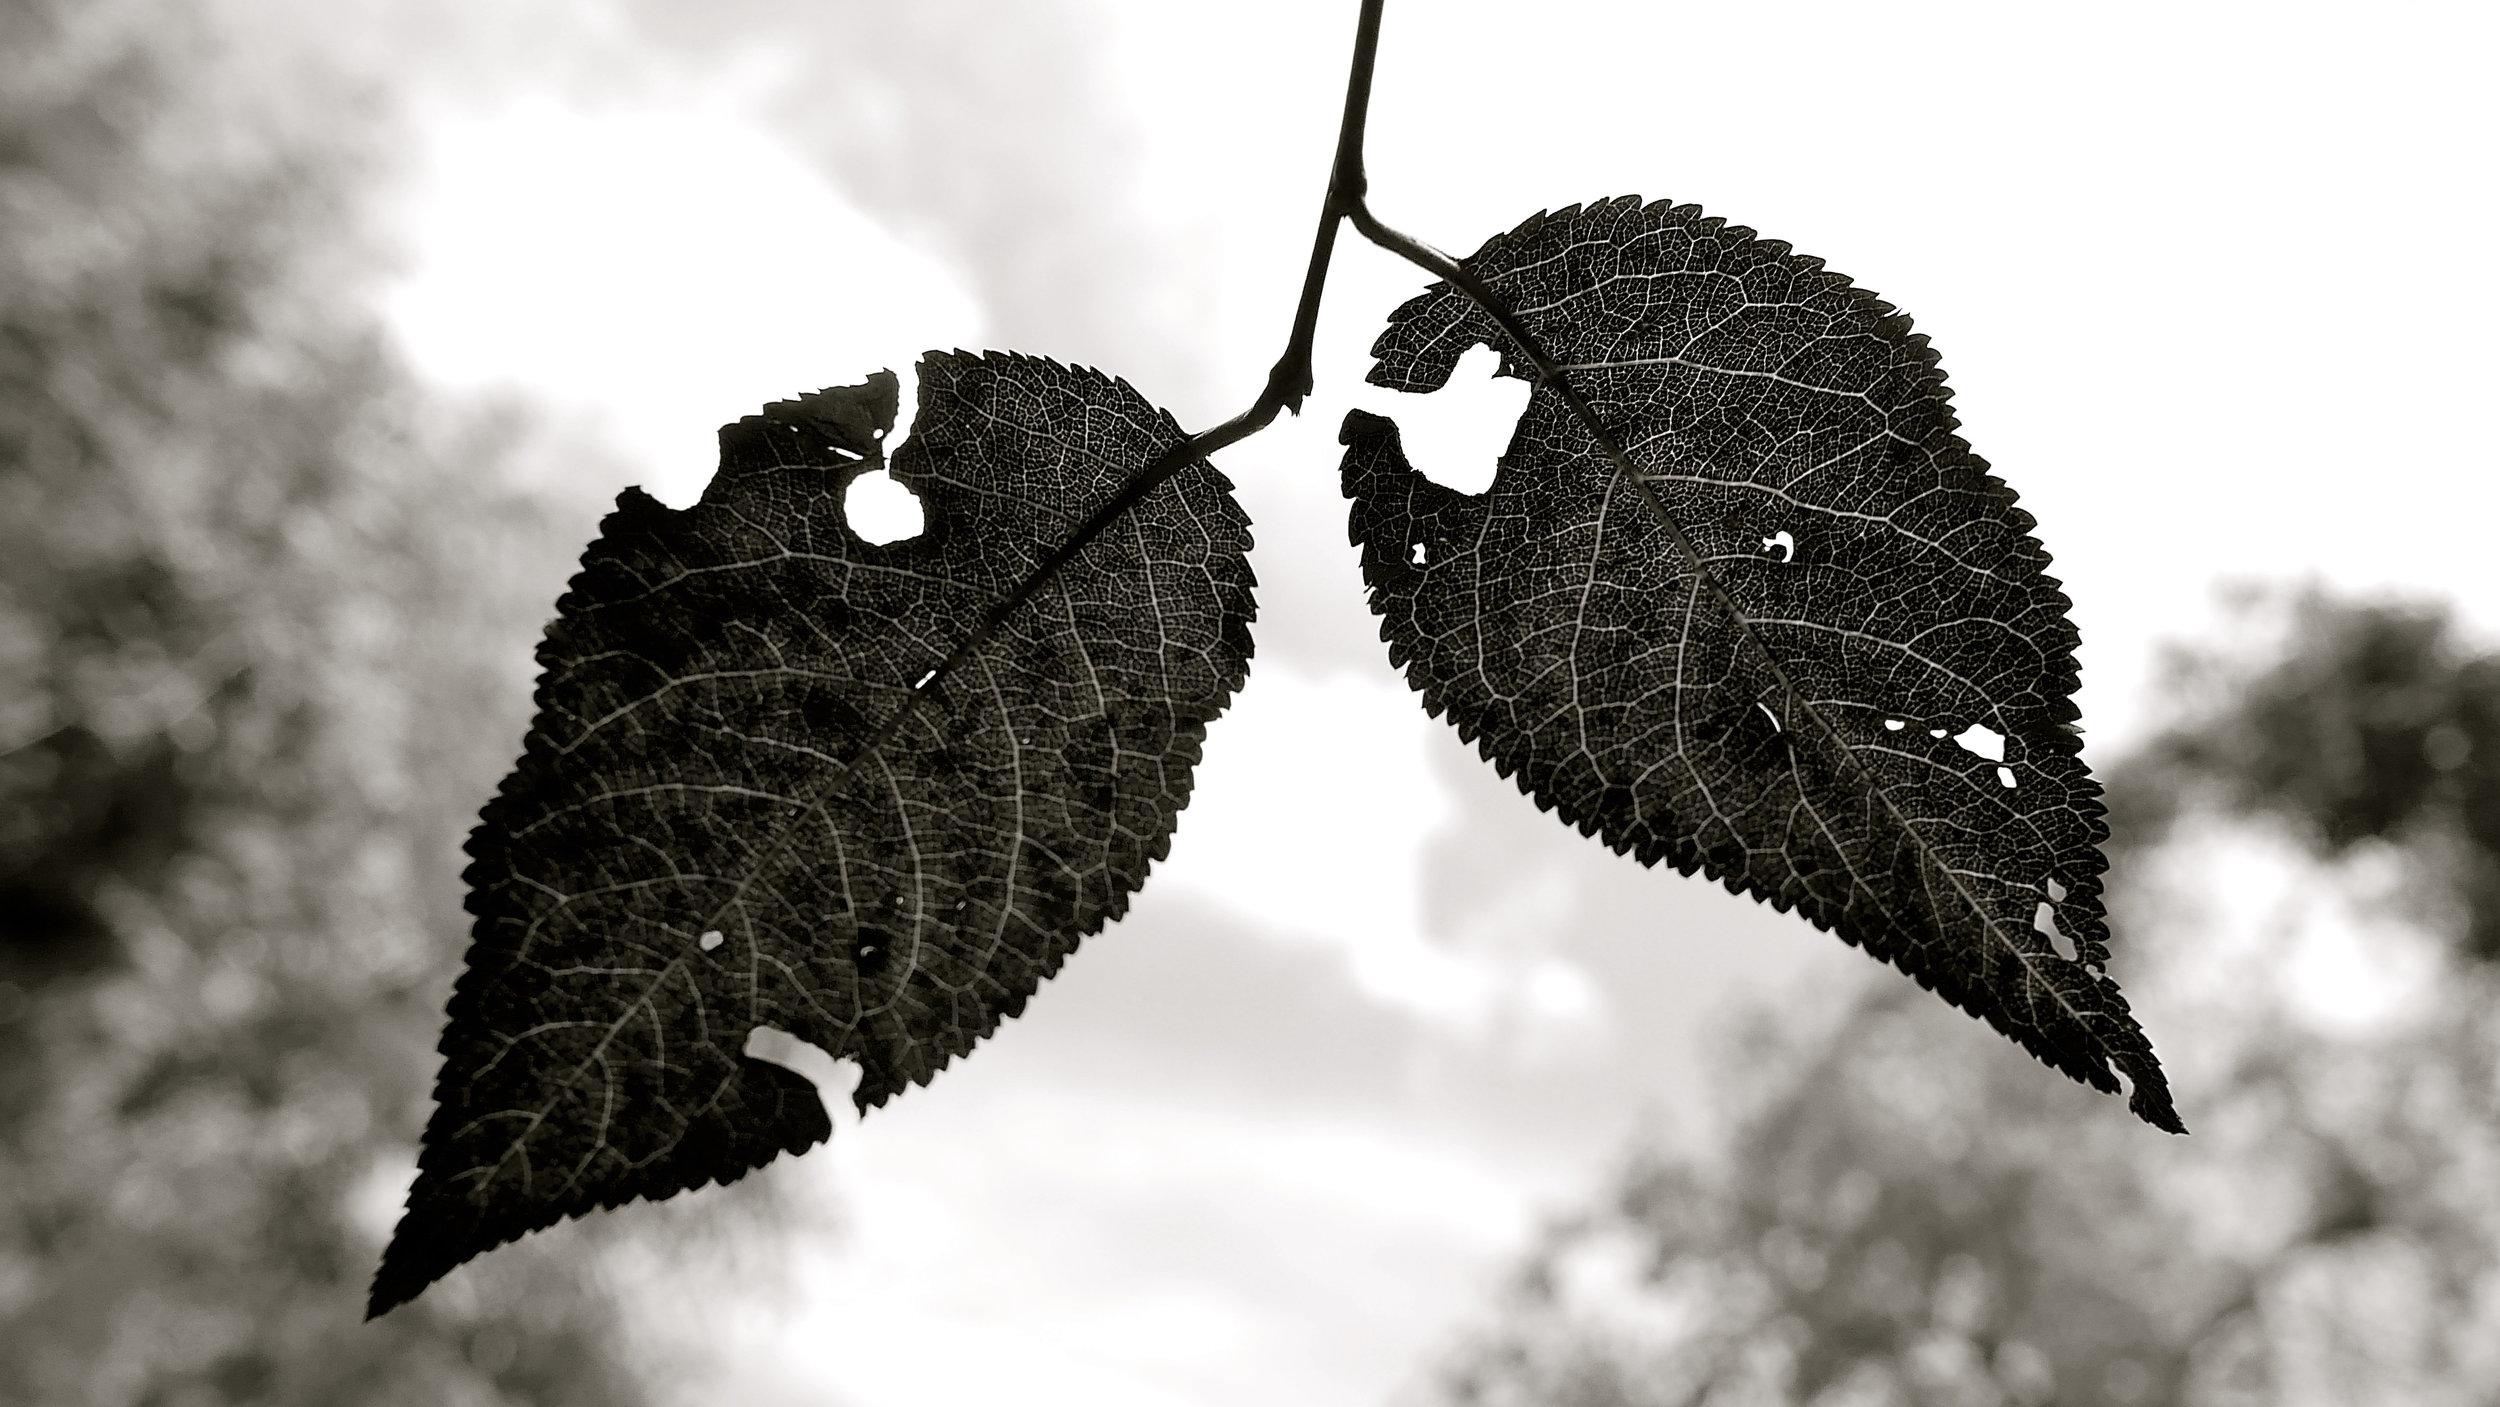 Dos hojas comidas